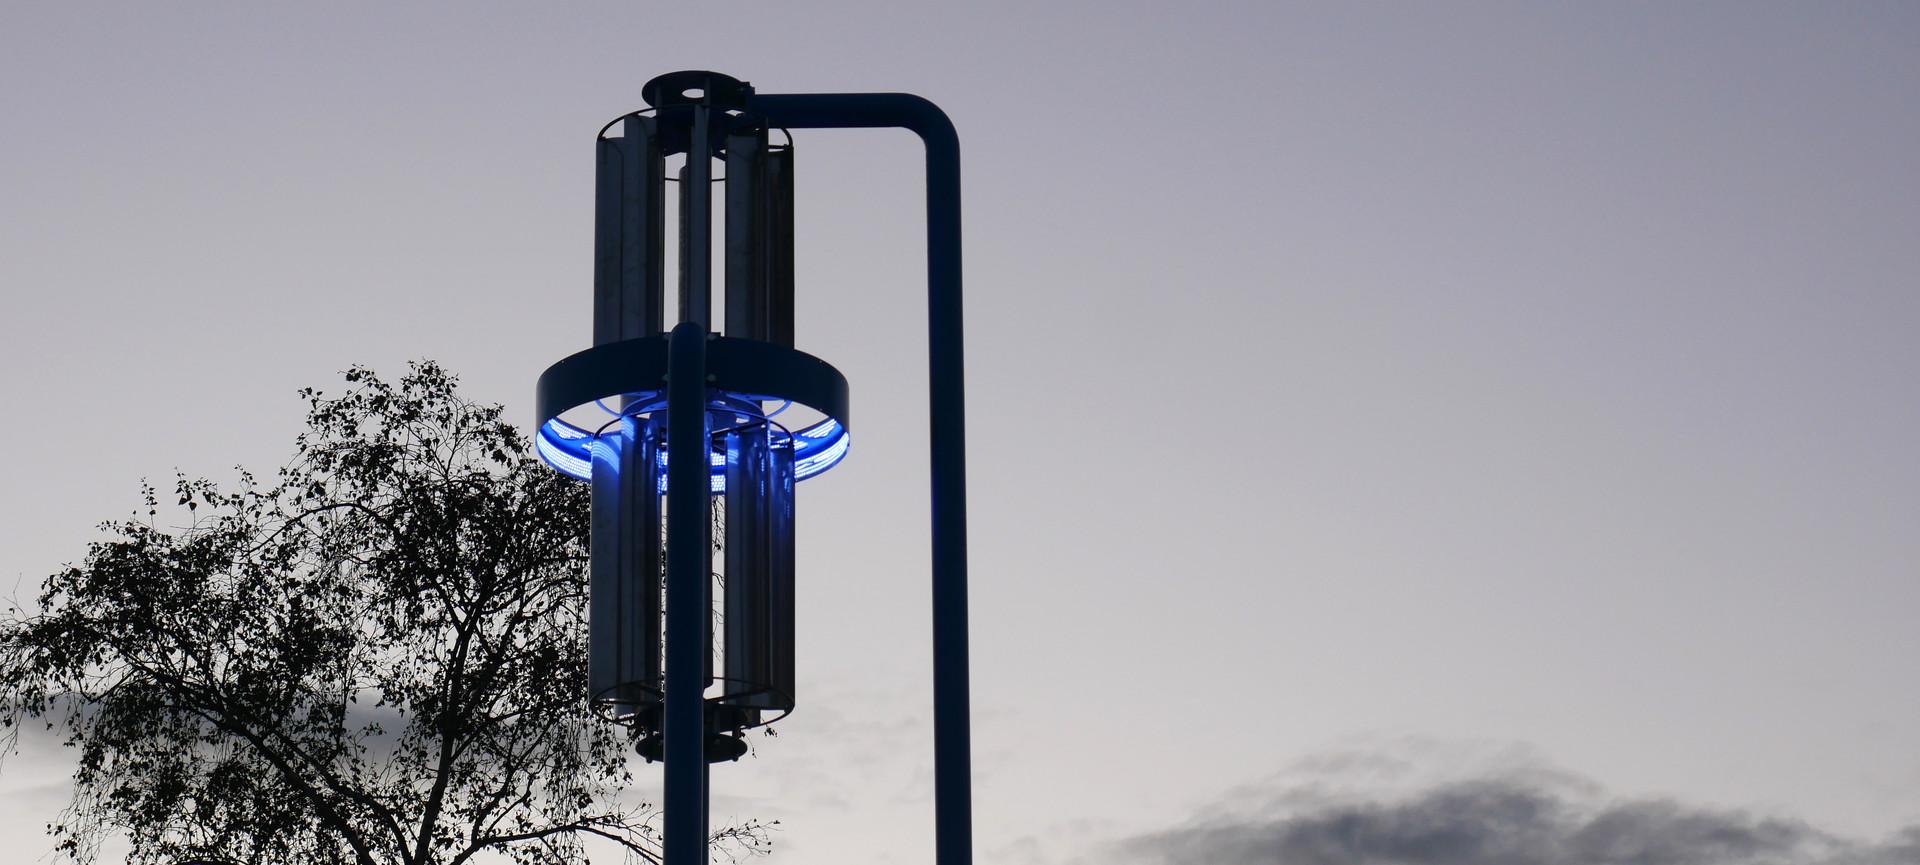 Leuchtturm dark